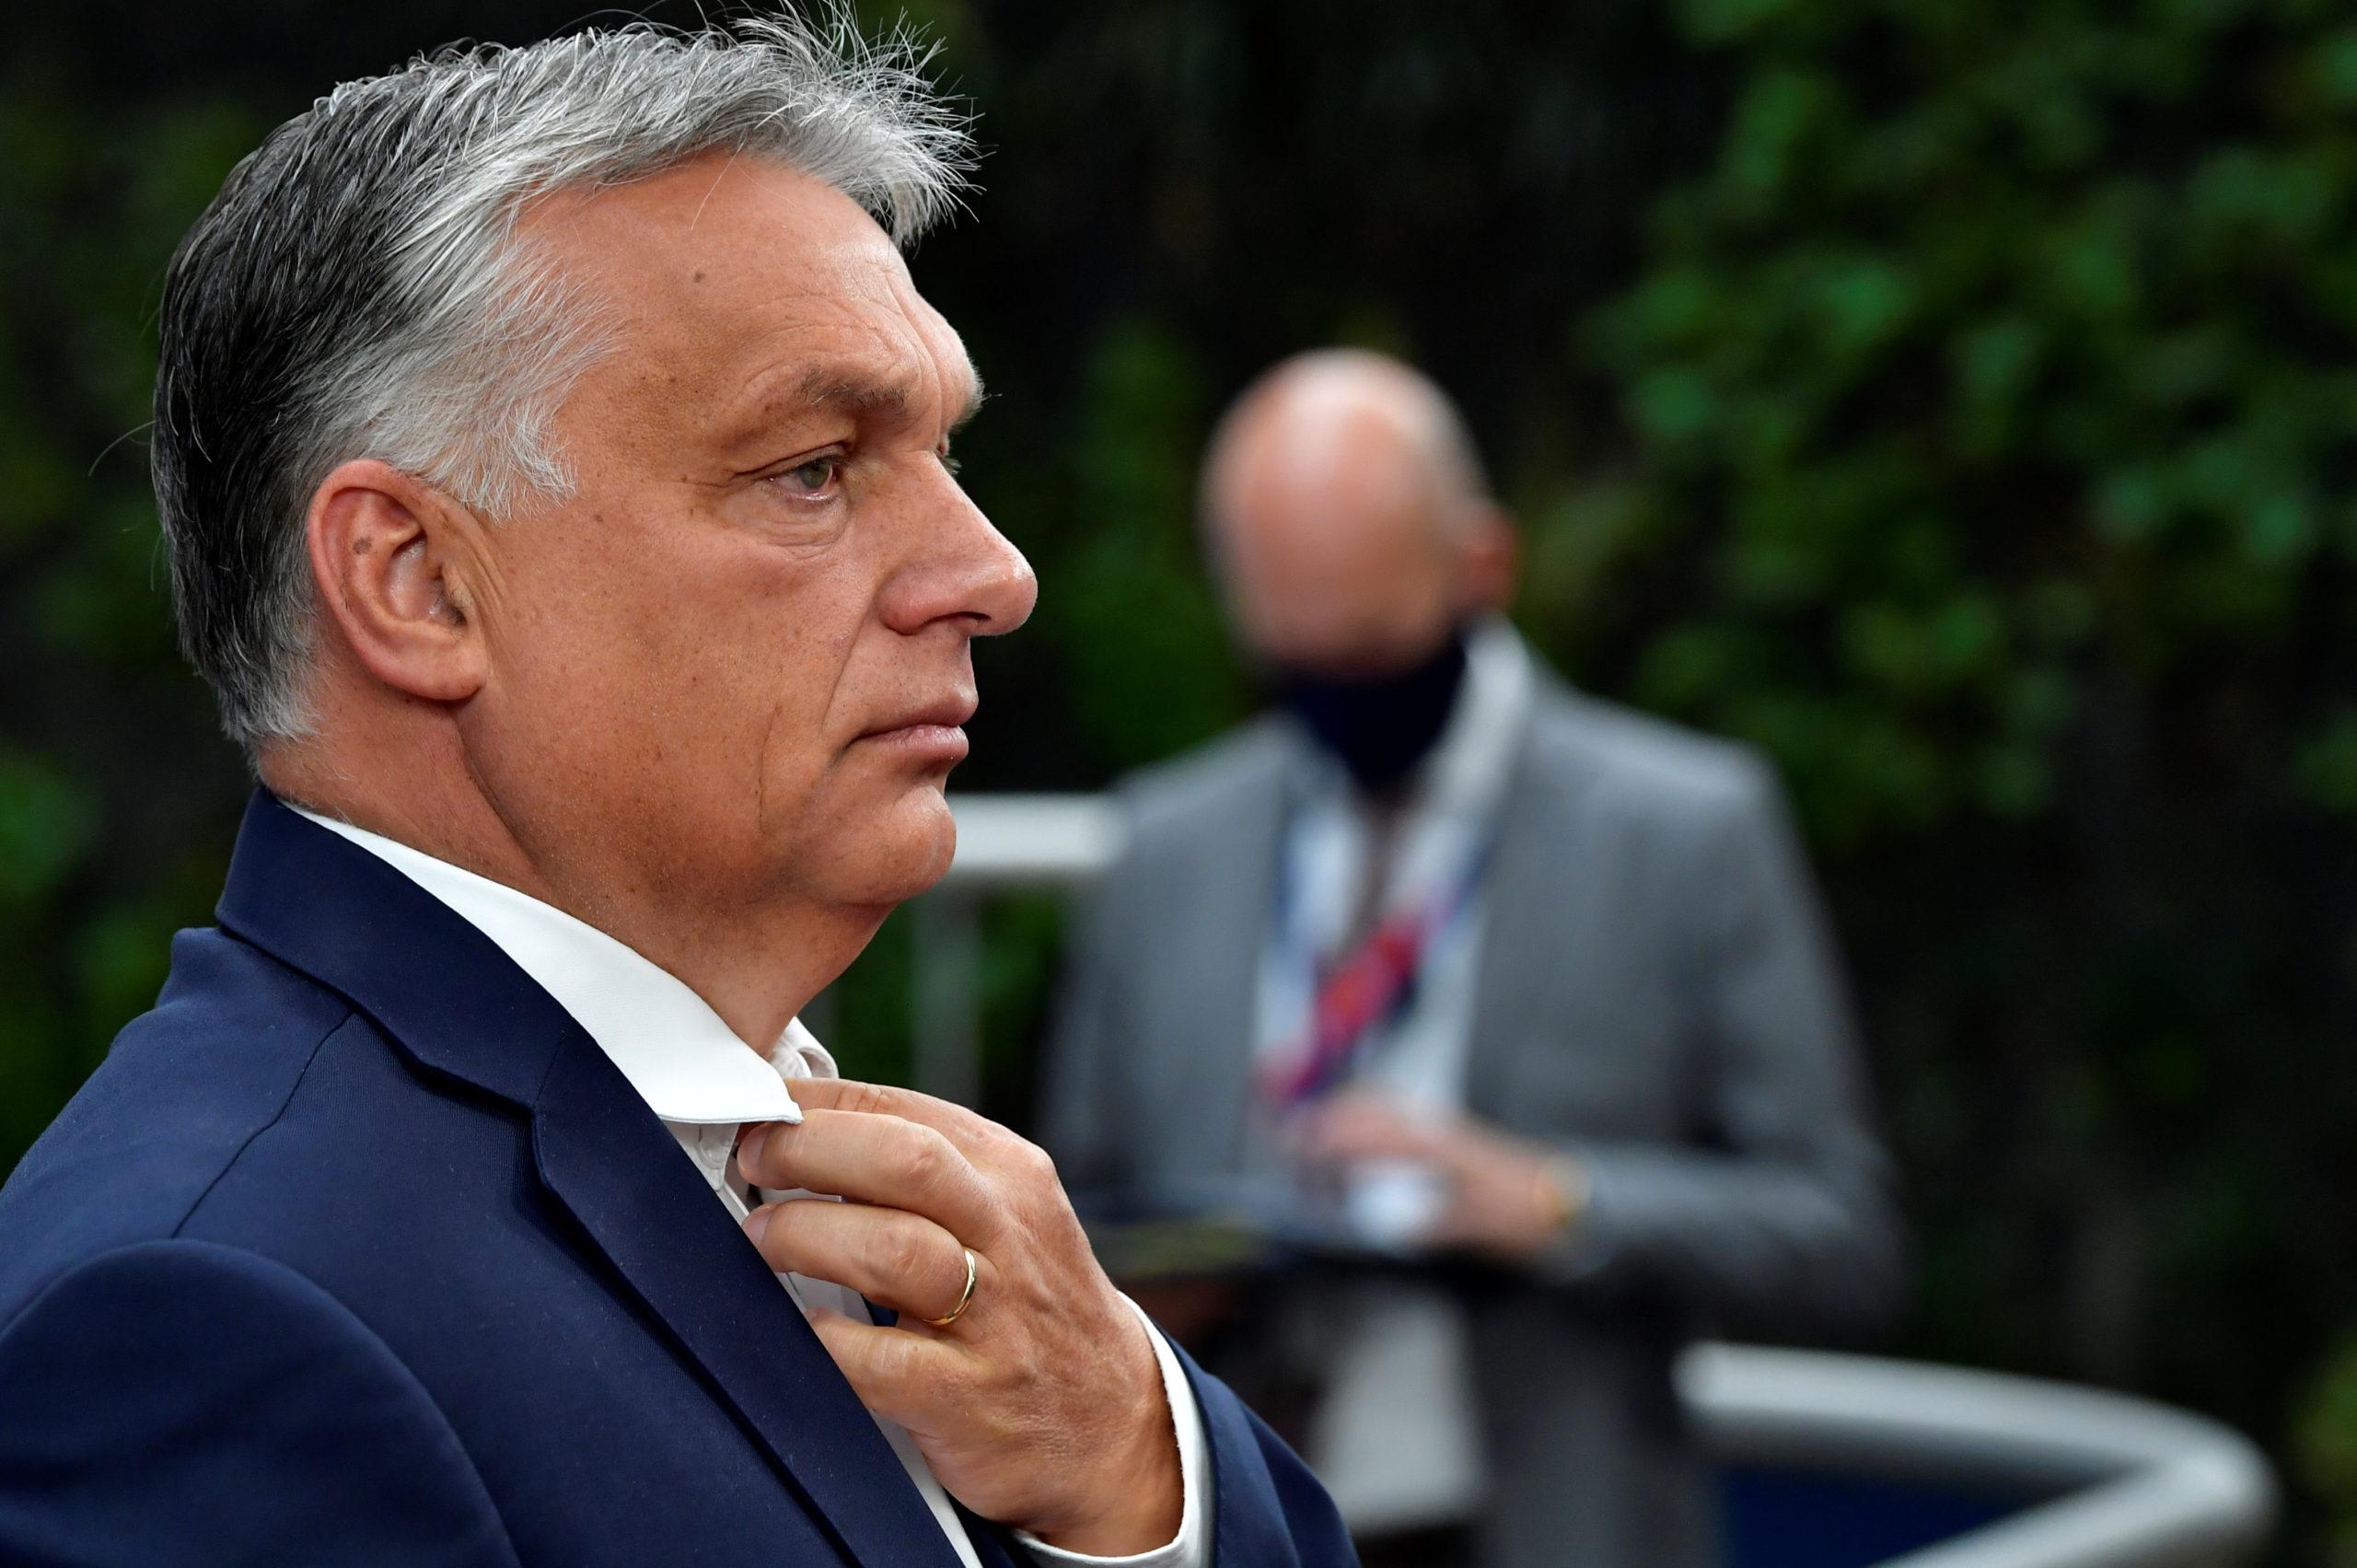 Le budget de l'UE aurait contraint la Hongrie à accepter l'immigration, dit Orban